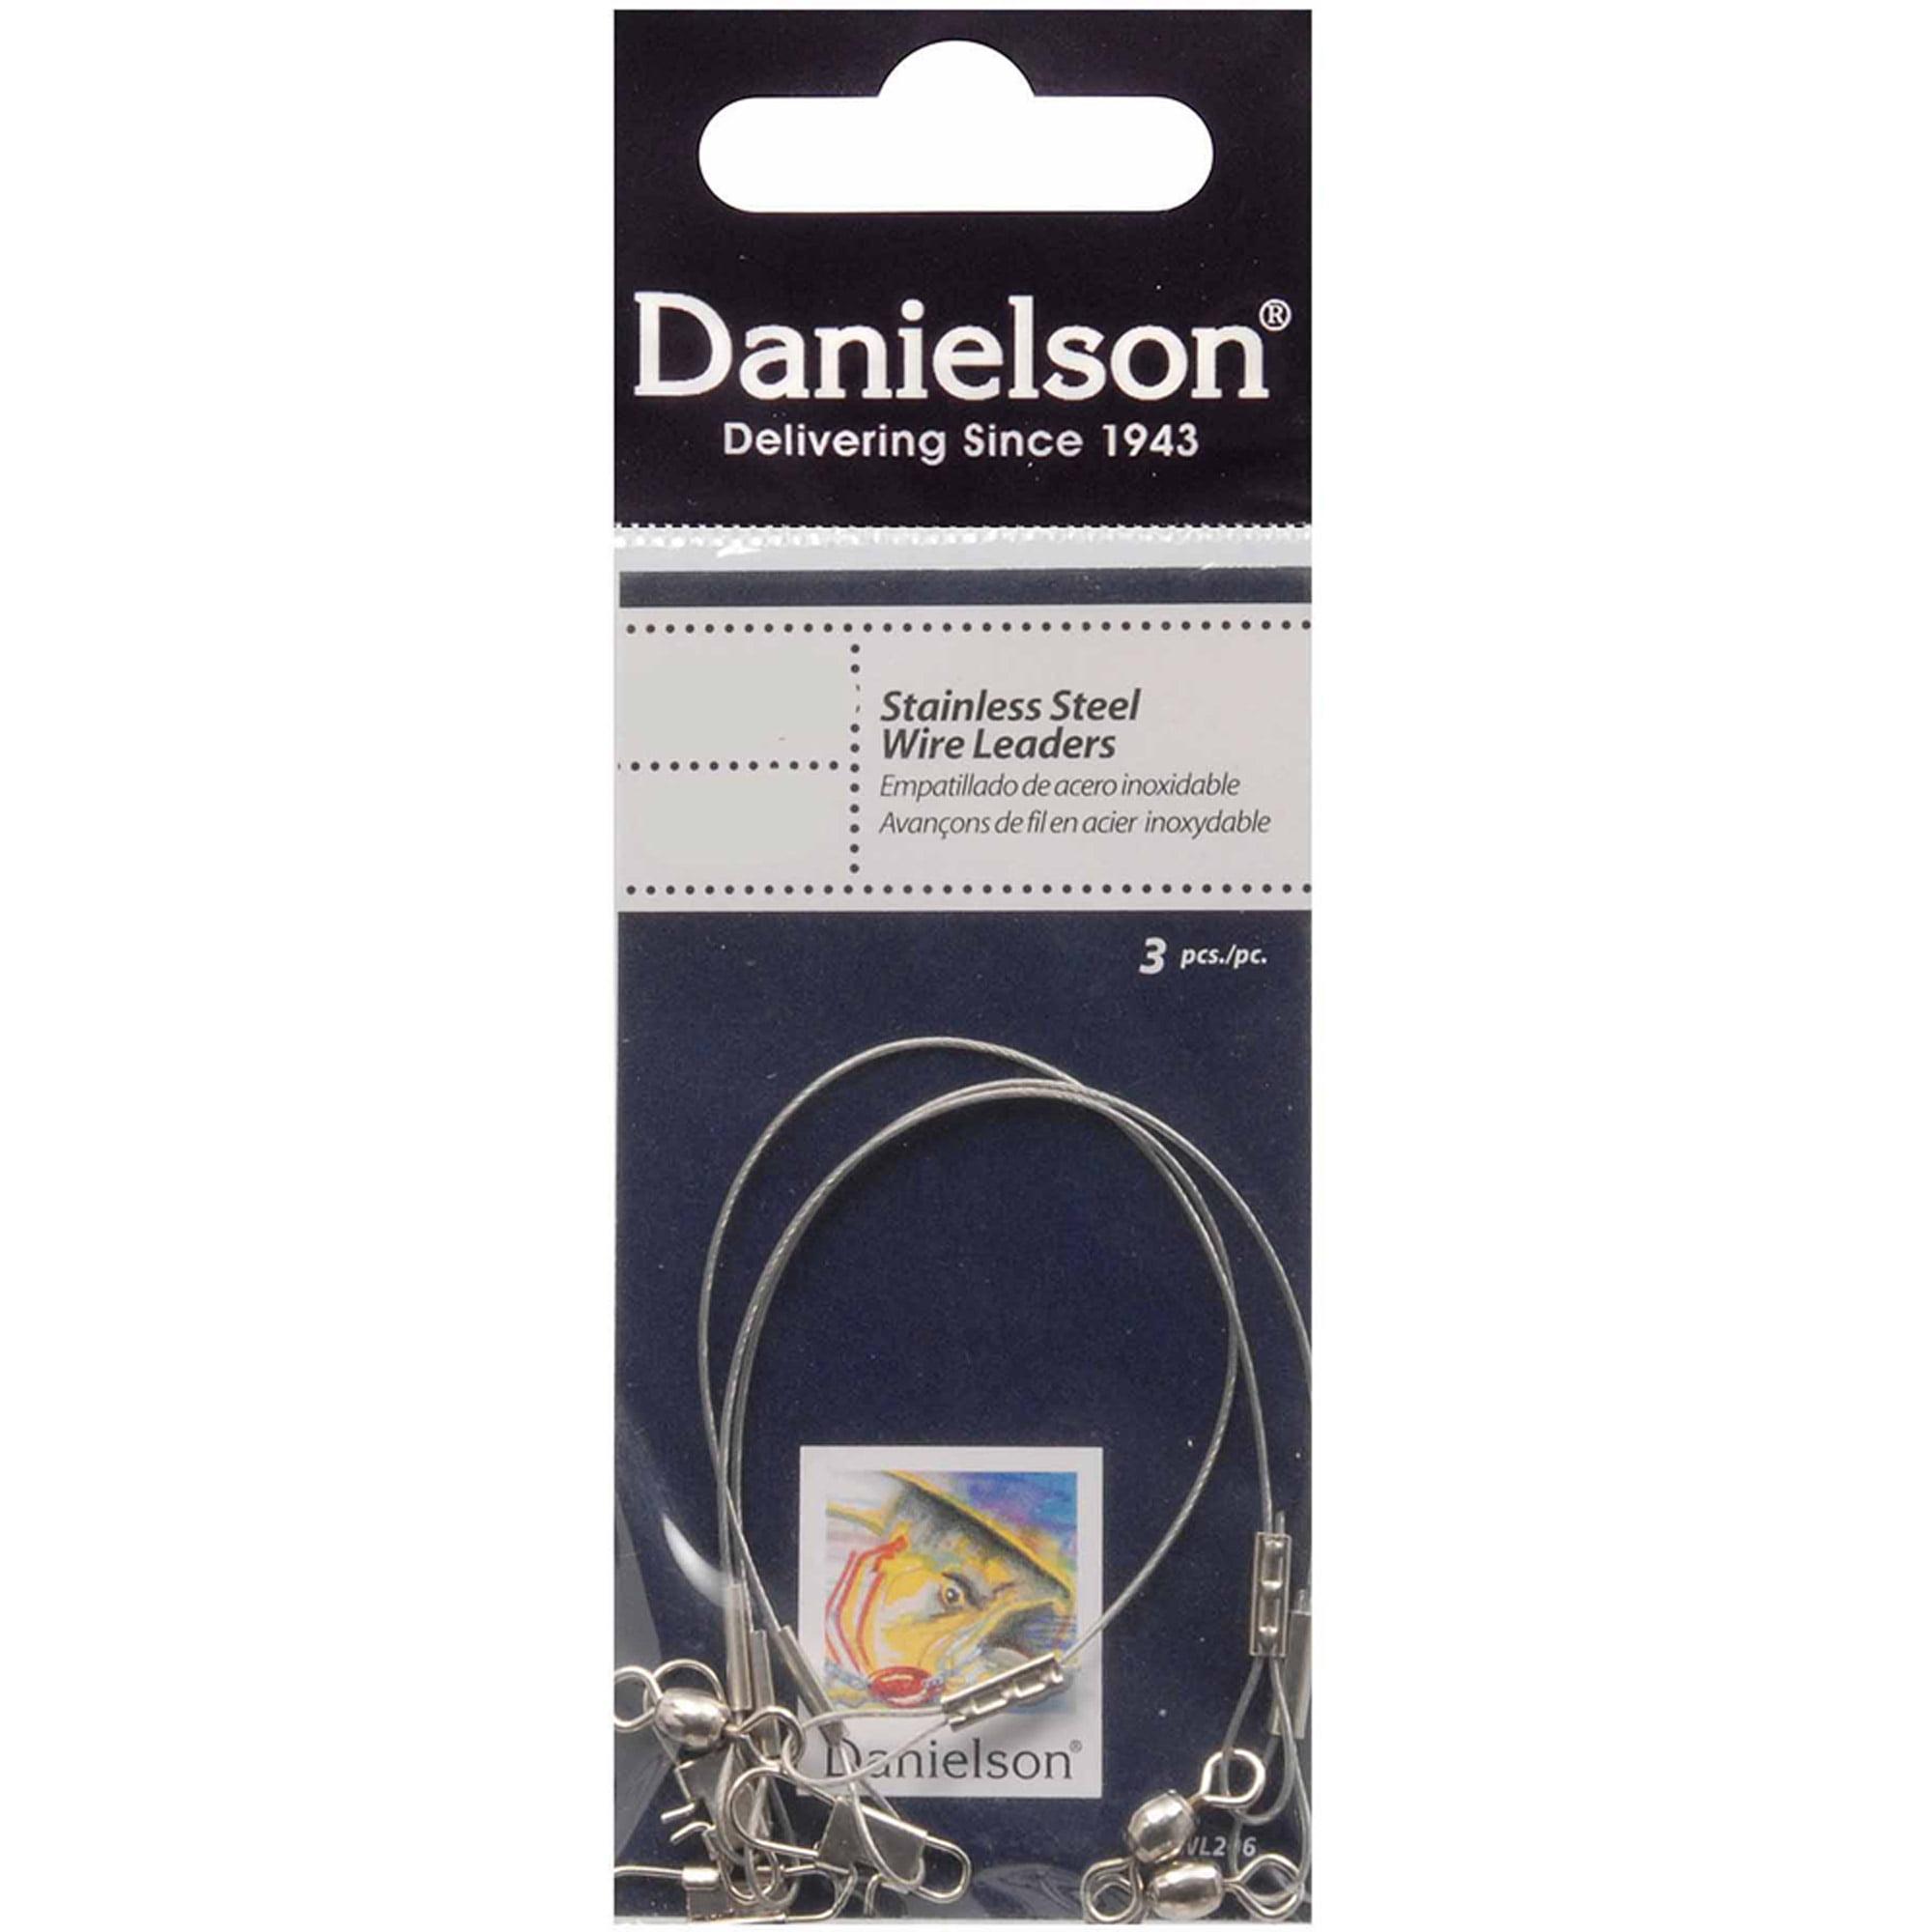 Danielson Wire Leaders, 20 lb Test